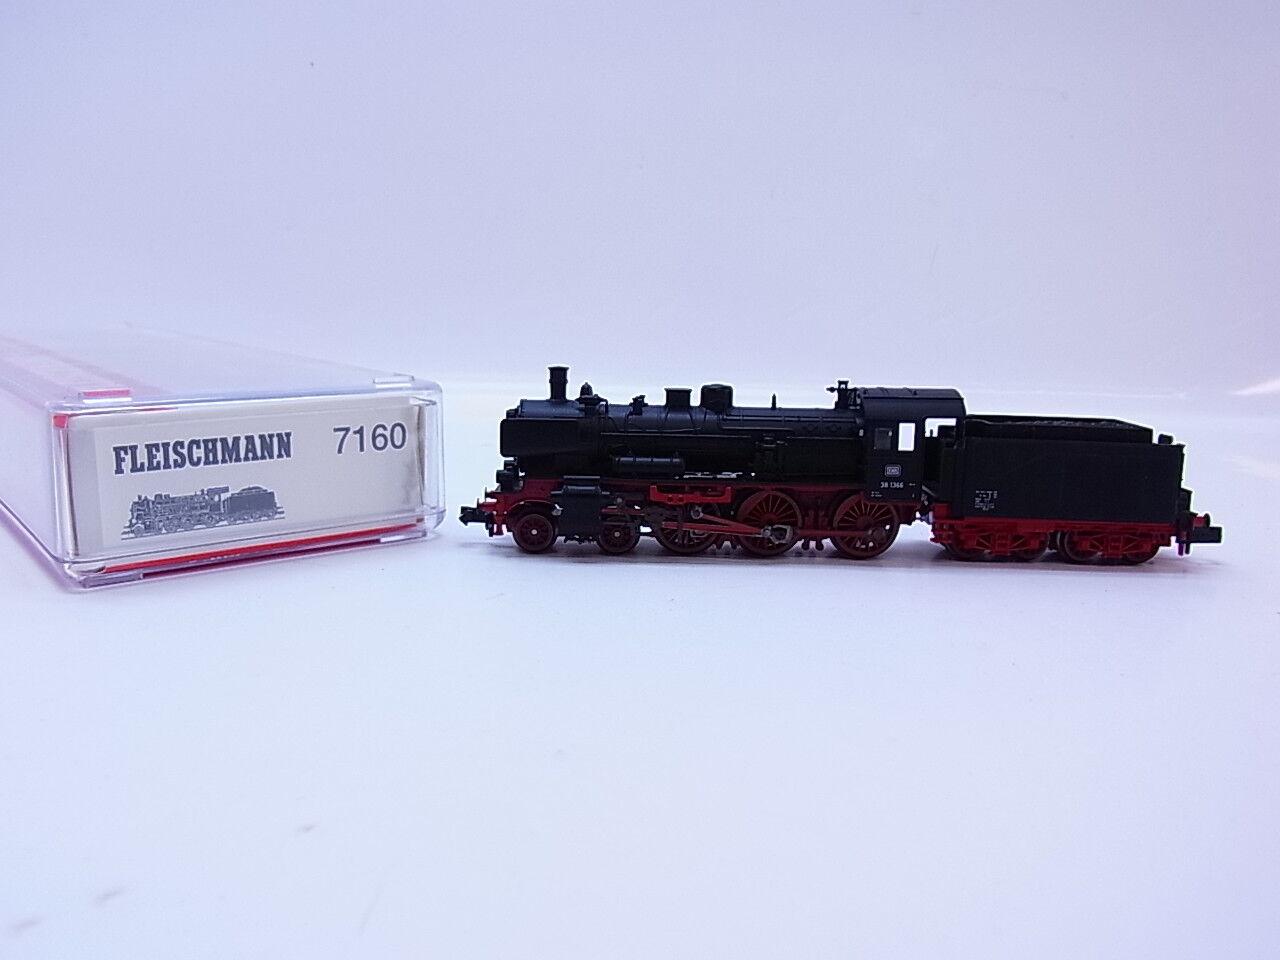 51439 hermosas Fleischmann n 7160 máquina de vapor br 38 1366 de la DB rareza-raramente OVP